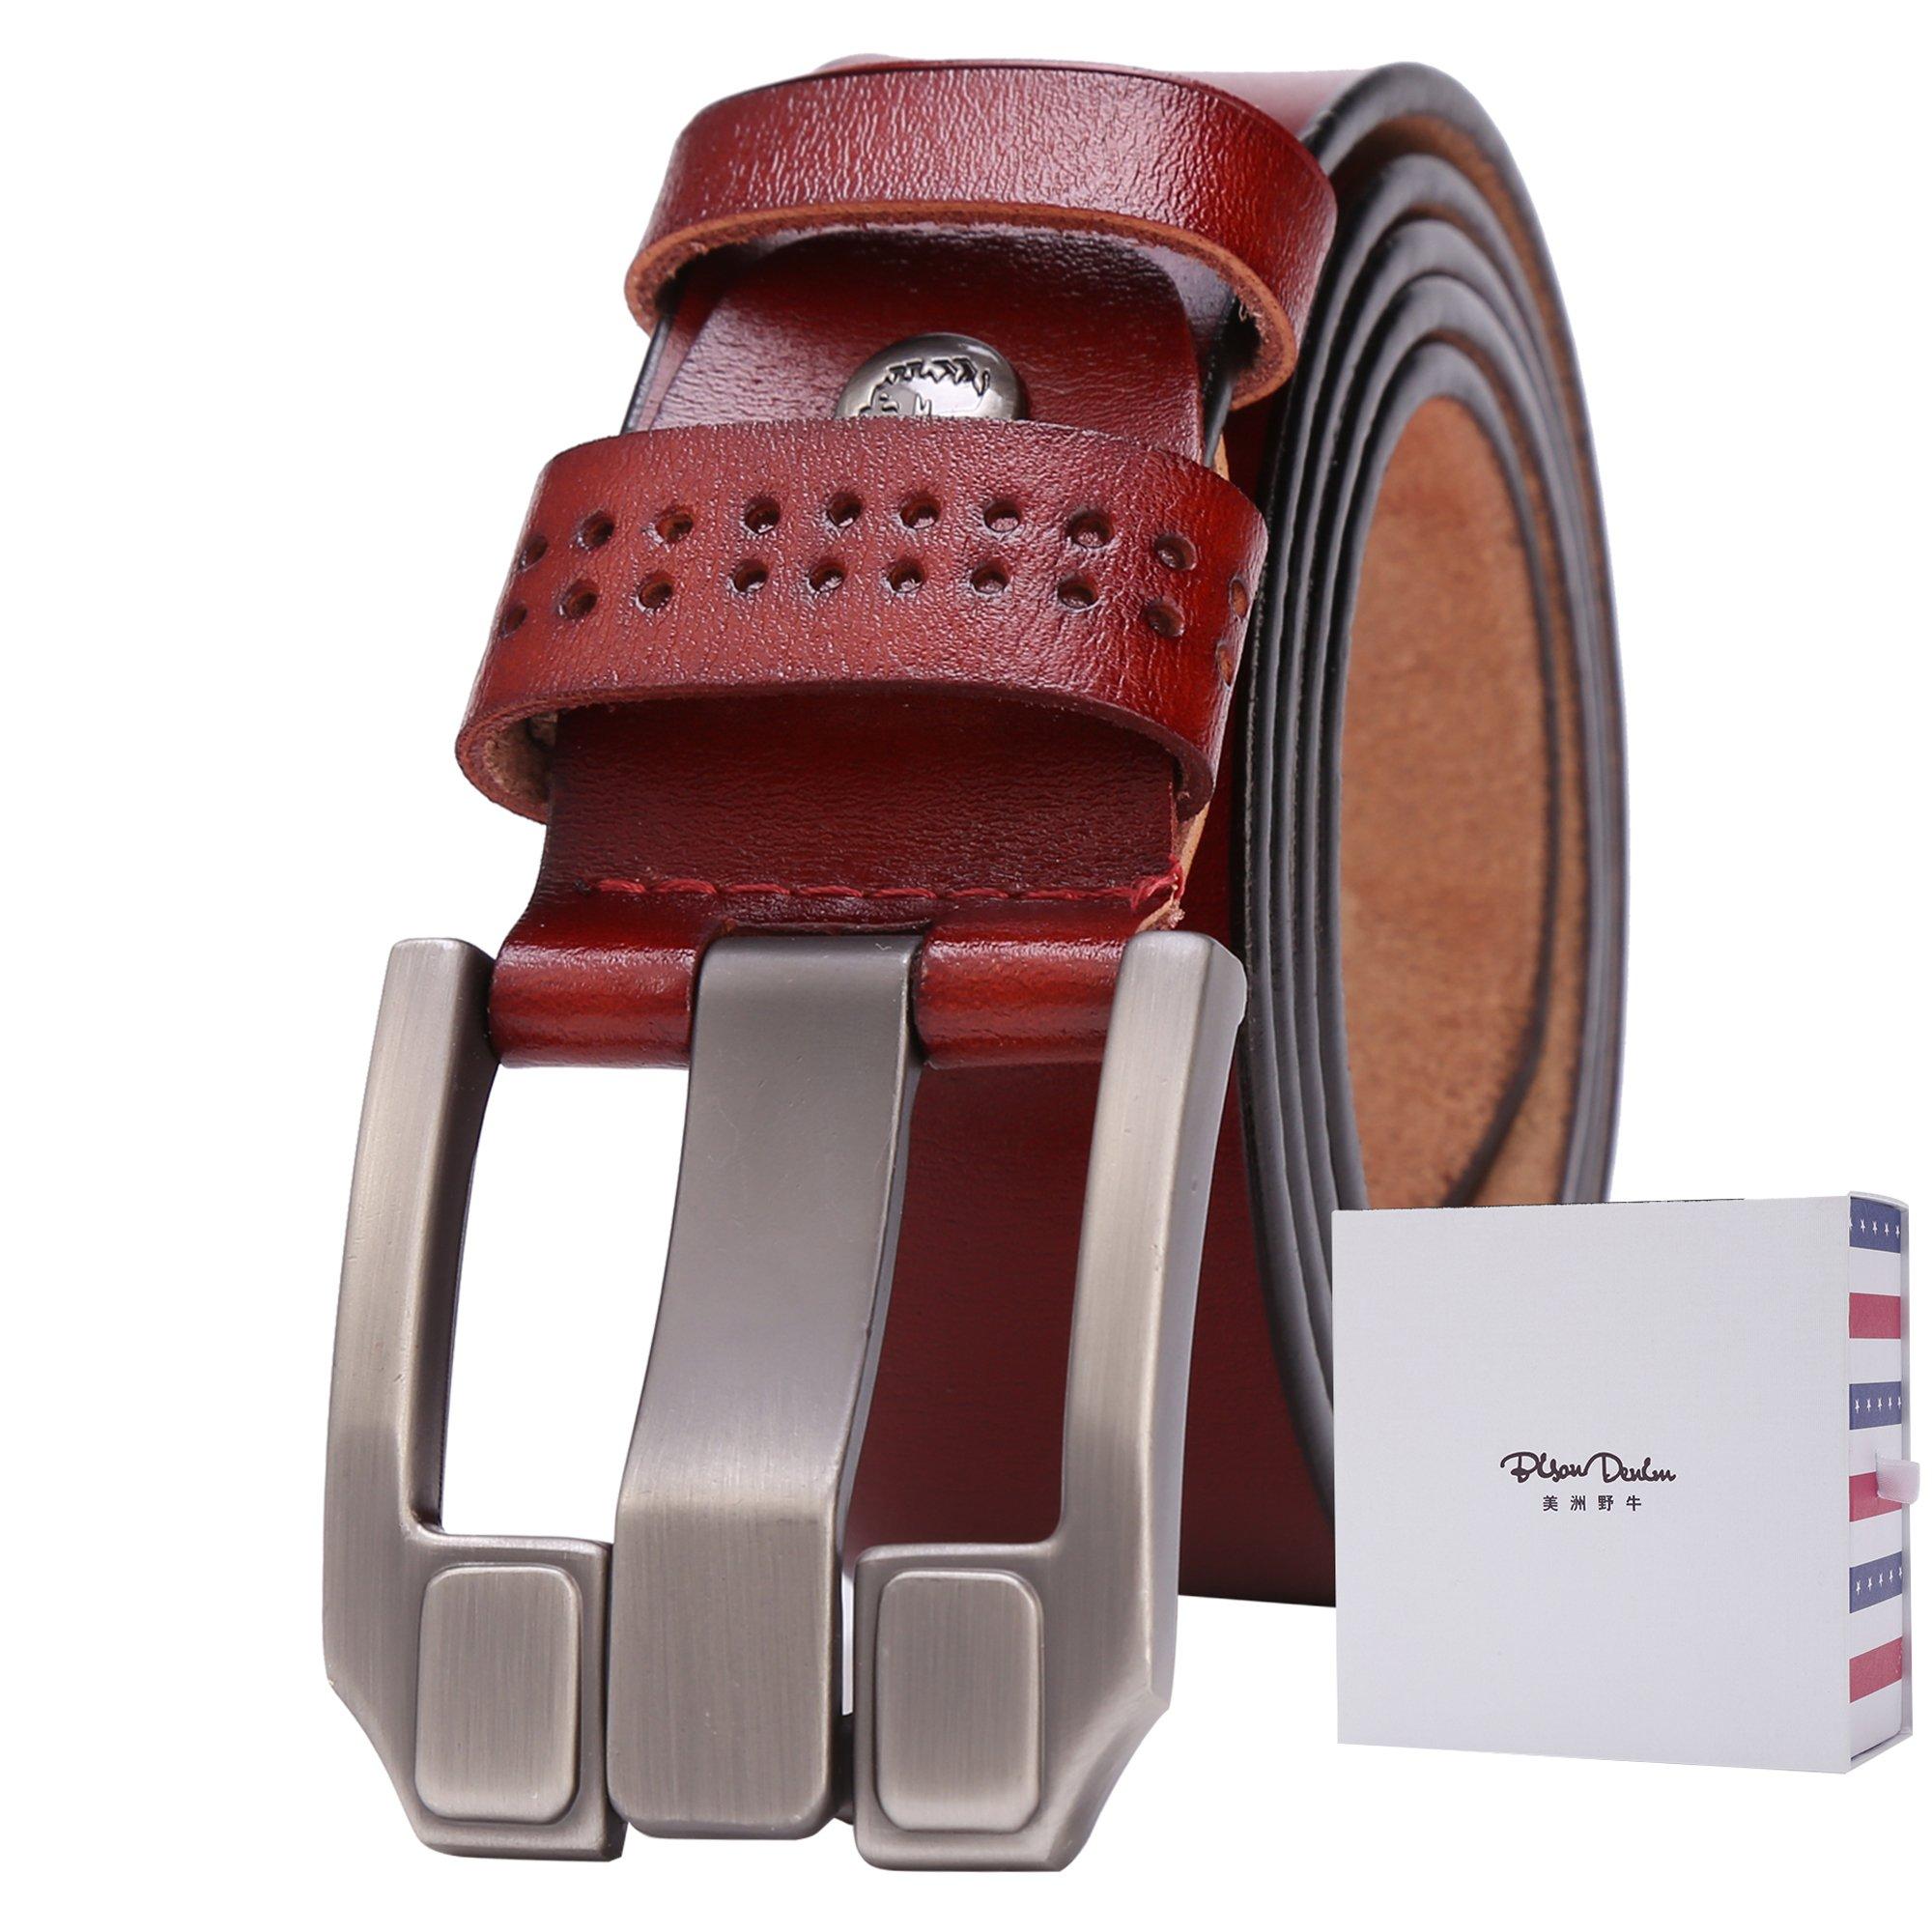 BISON DENIM Classic Belts For Men - Mens Genuine Leather Belt for Dress & Jeans Brown 125cm